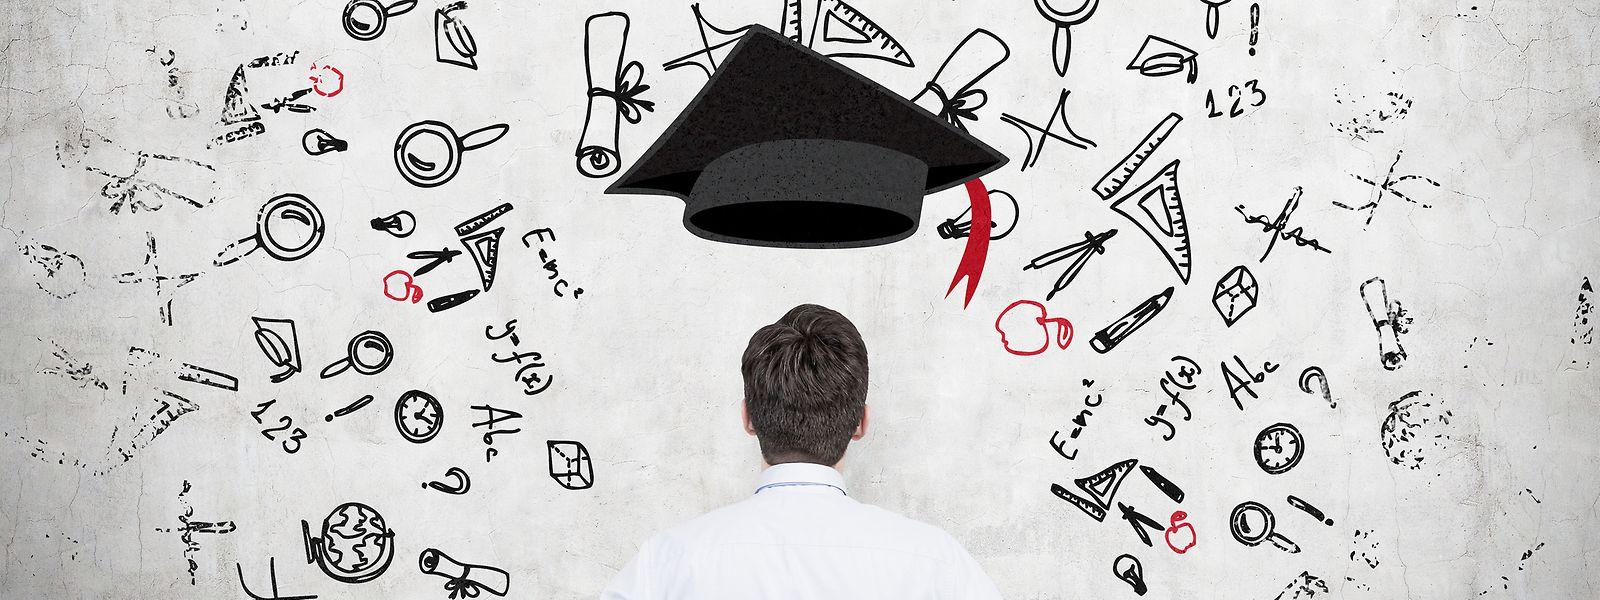 Abendkurse, e-Learning und Co.: Immer mehr Arbeitnehmer aller Altersklassen entscheiden sich für eine Weiterbildung oder ein Zusatzstudium.